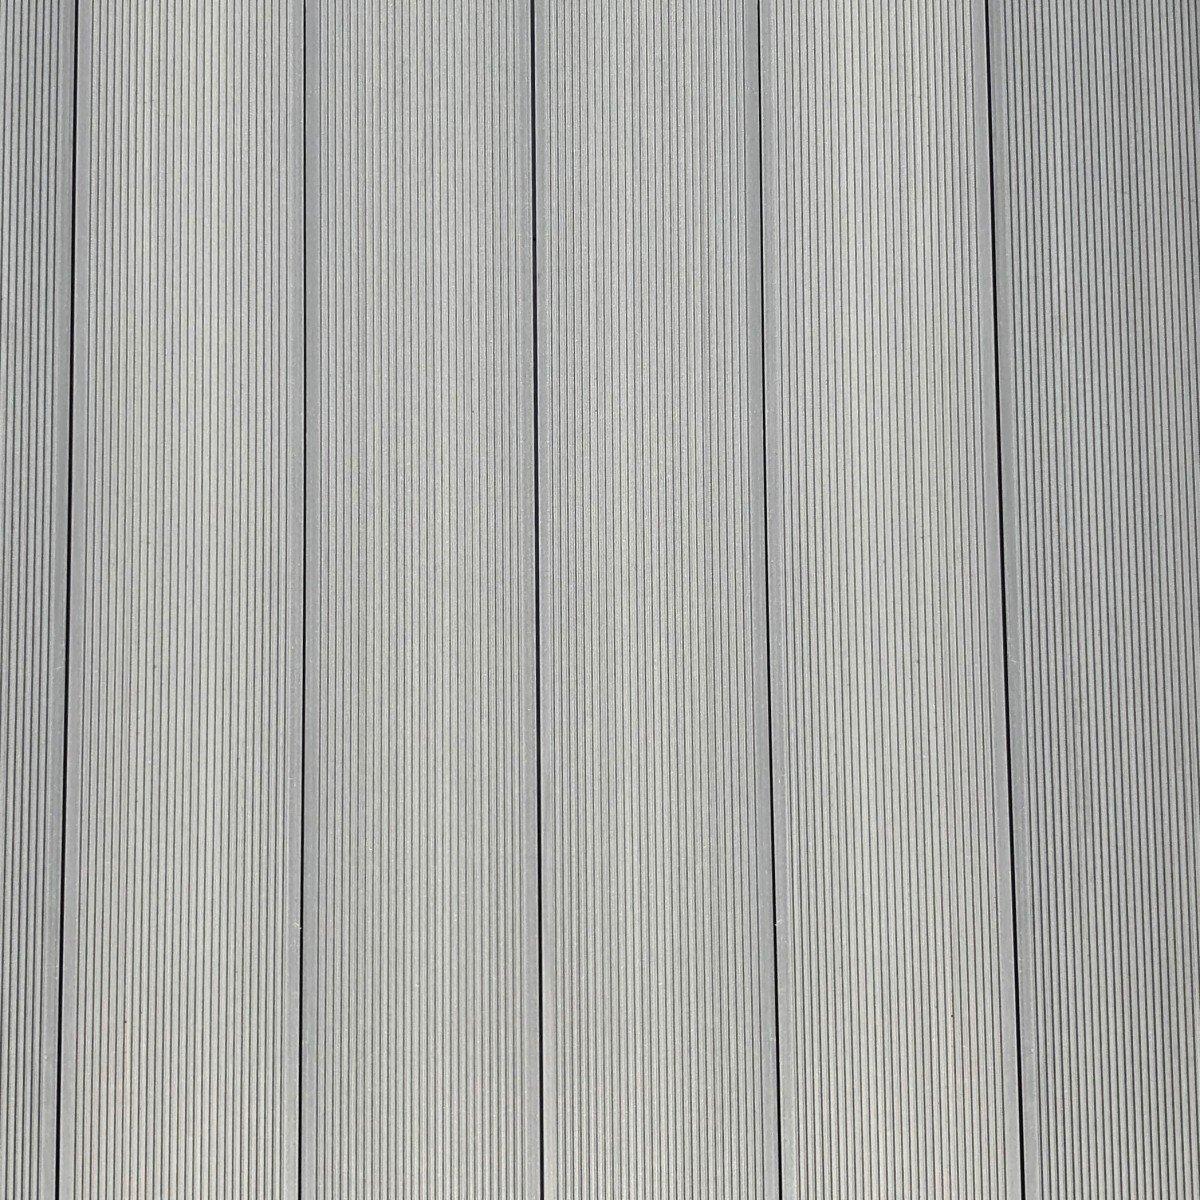 Террасная доска серая текстура